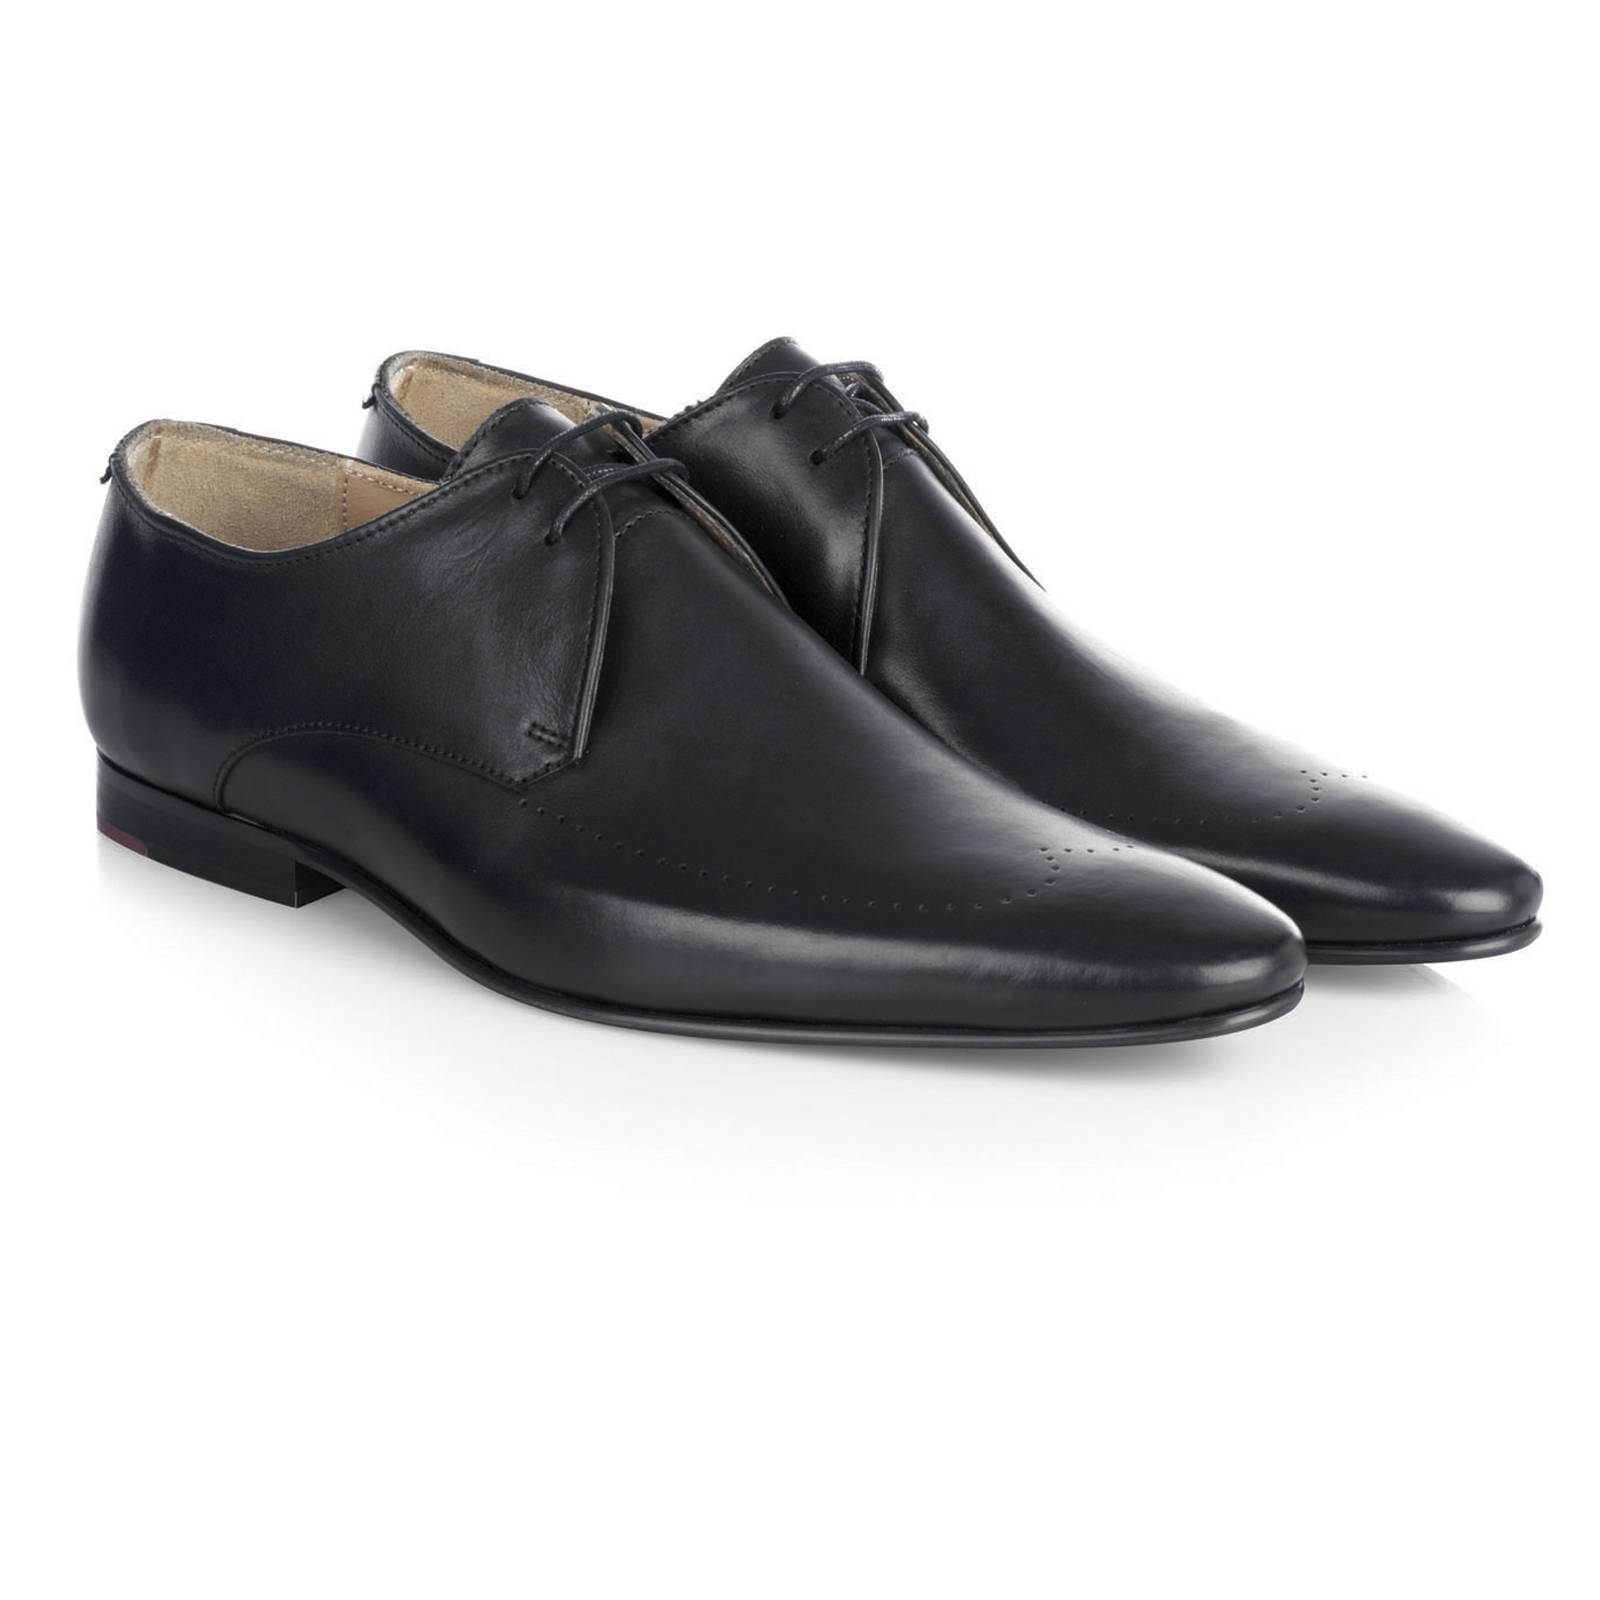 Ботинки Дерби Regent от MercLondon